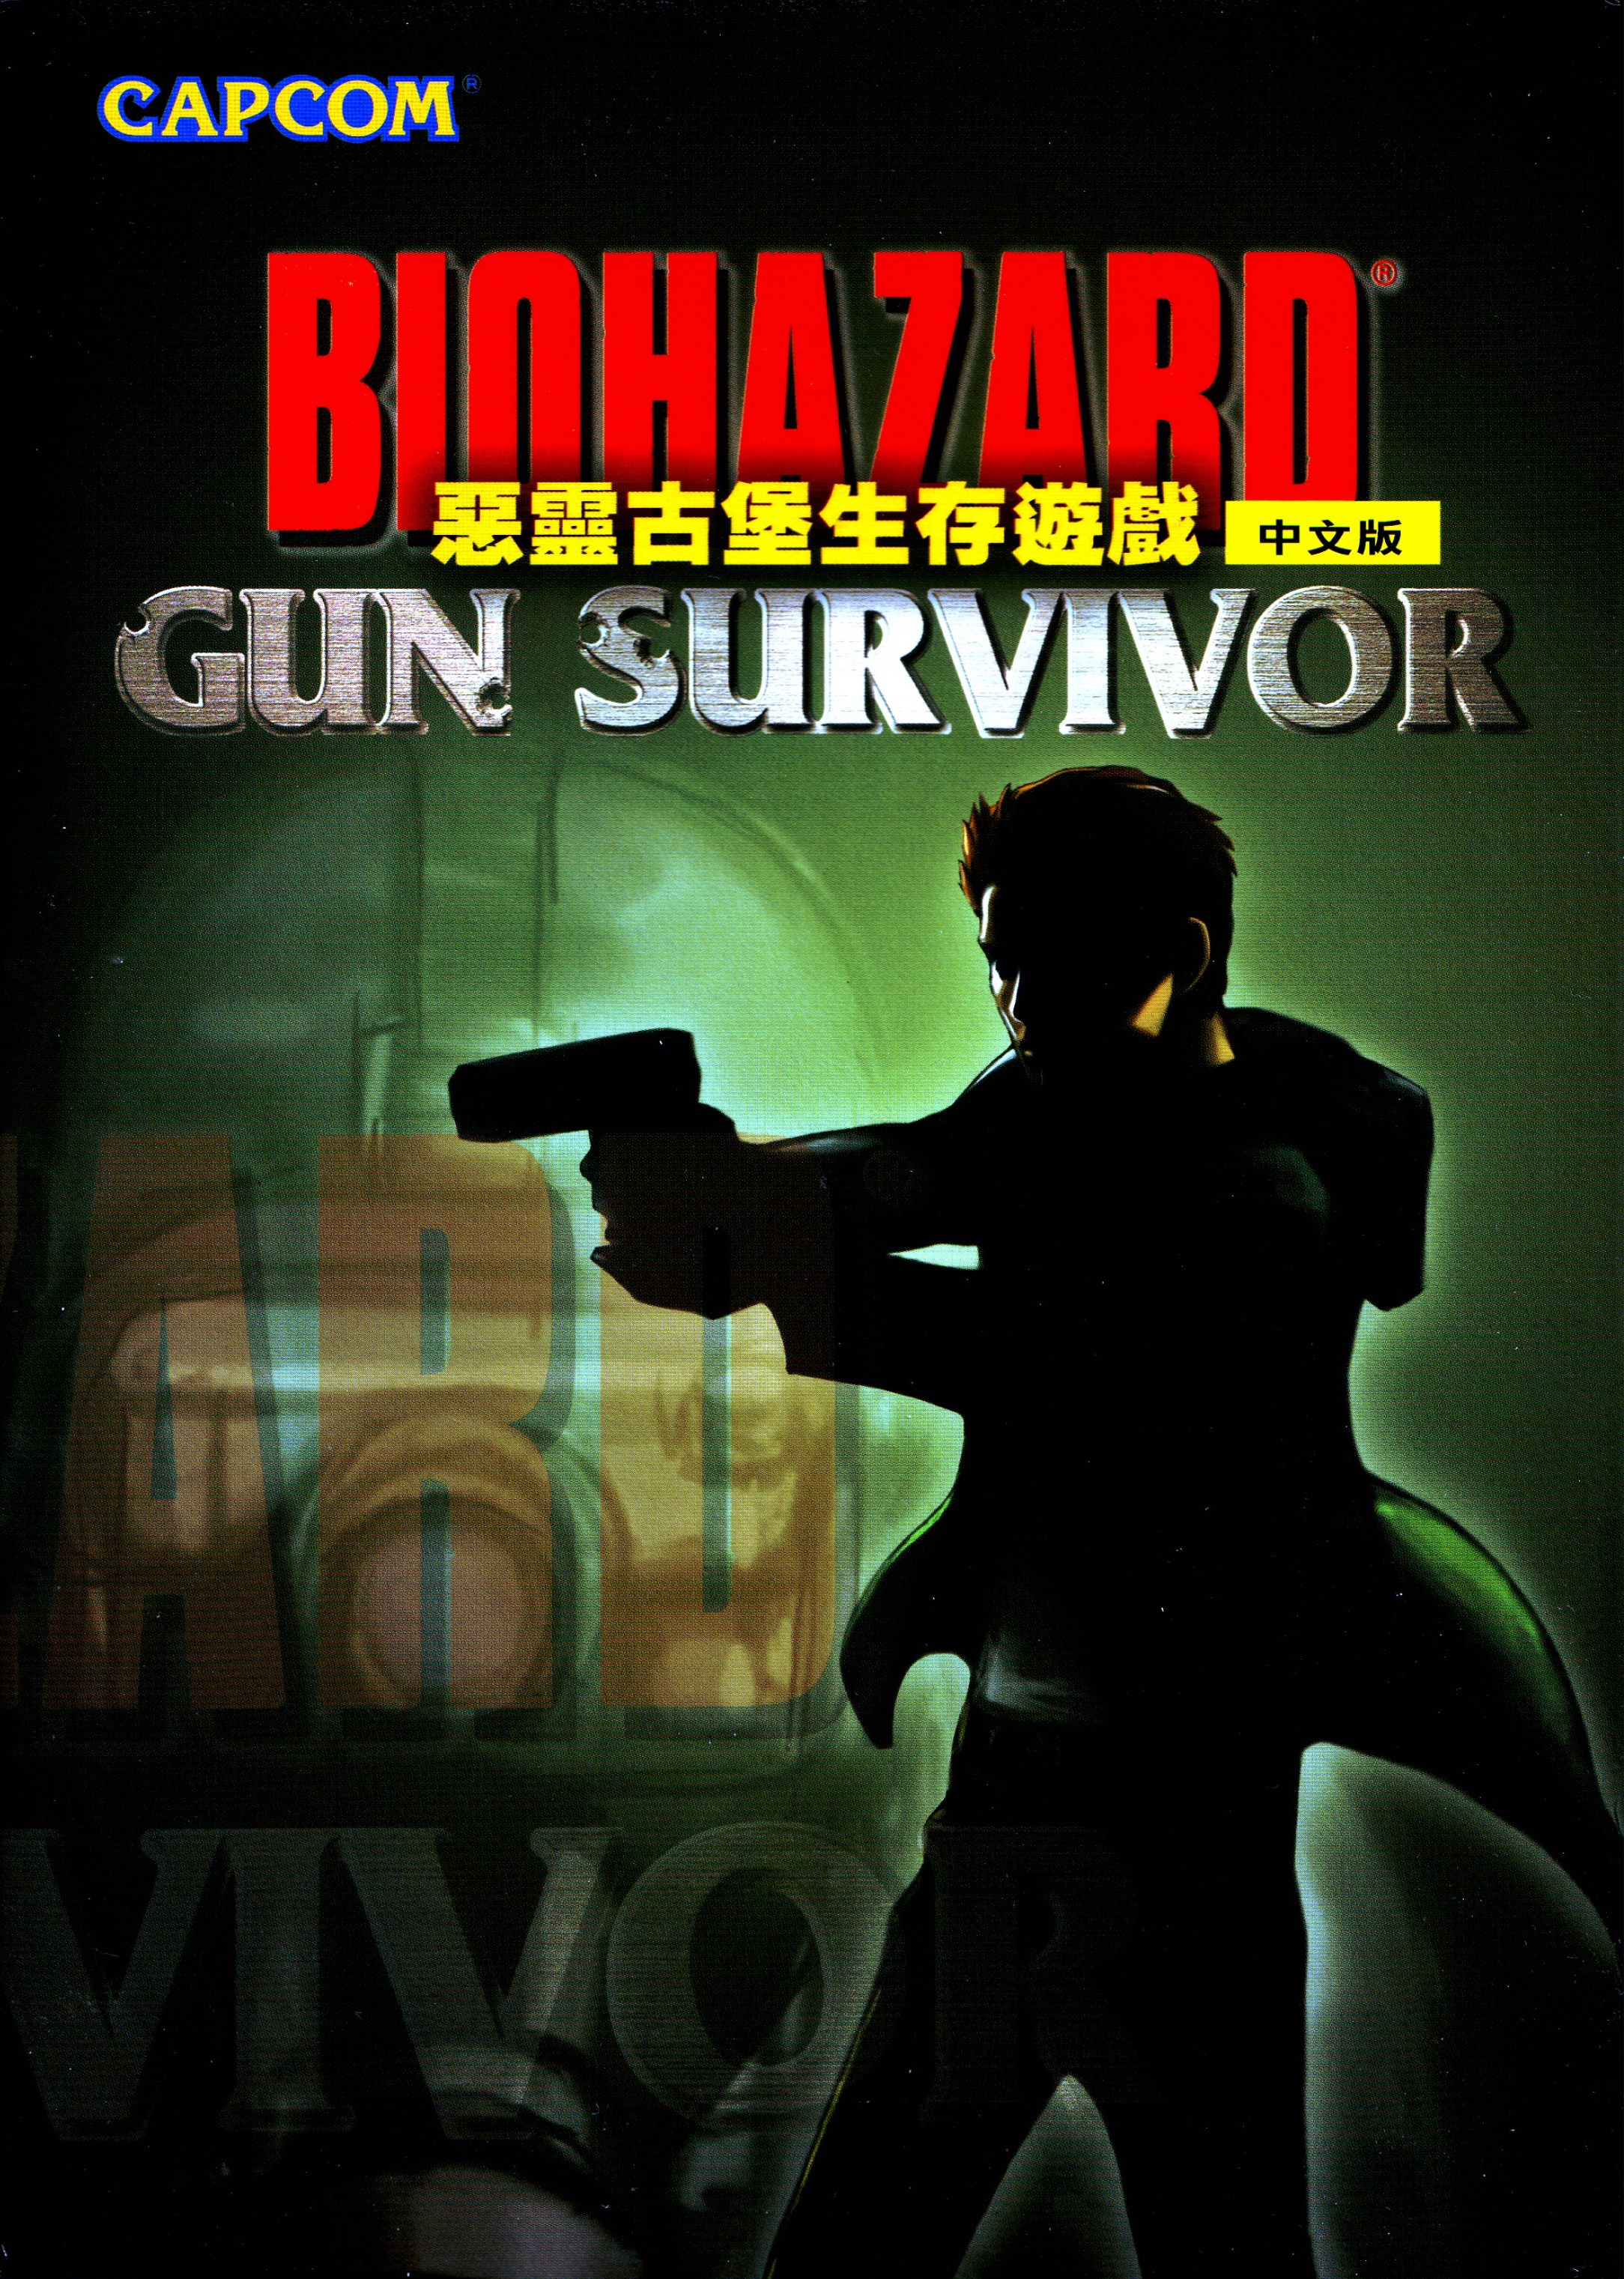 RE Survivor PC.jpg